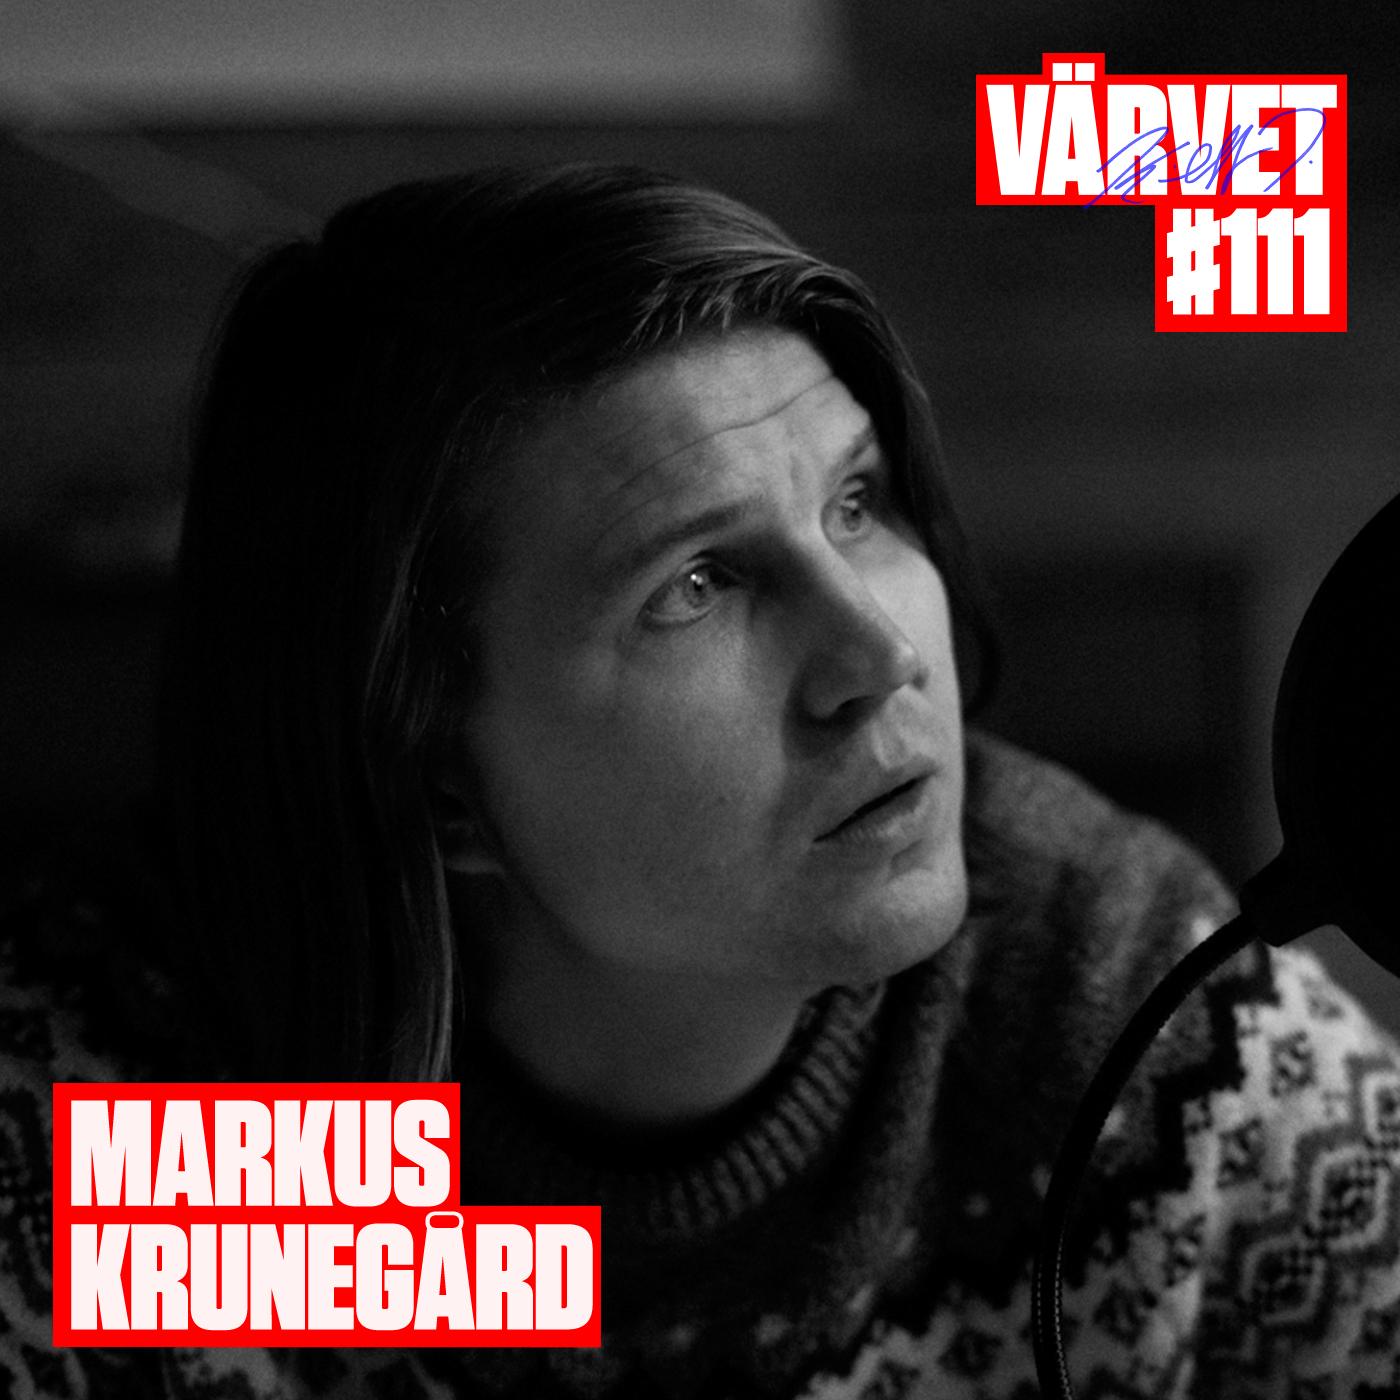 #111: Markus Krunegård